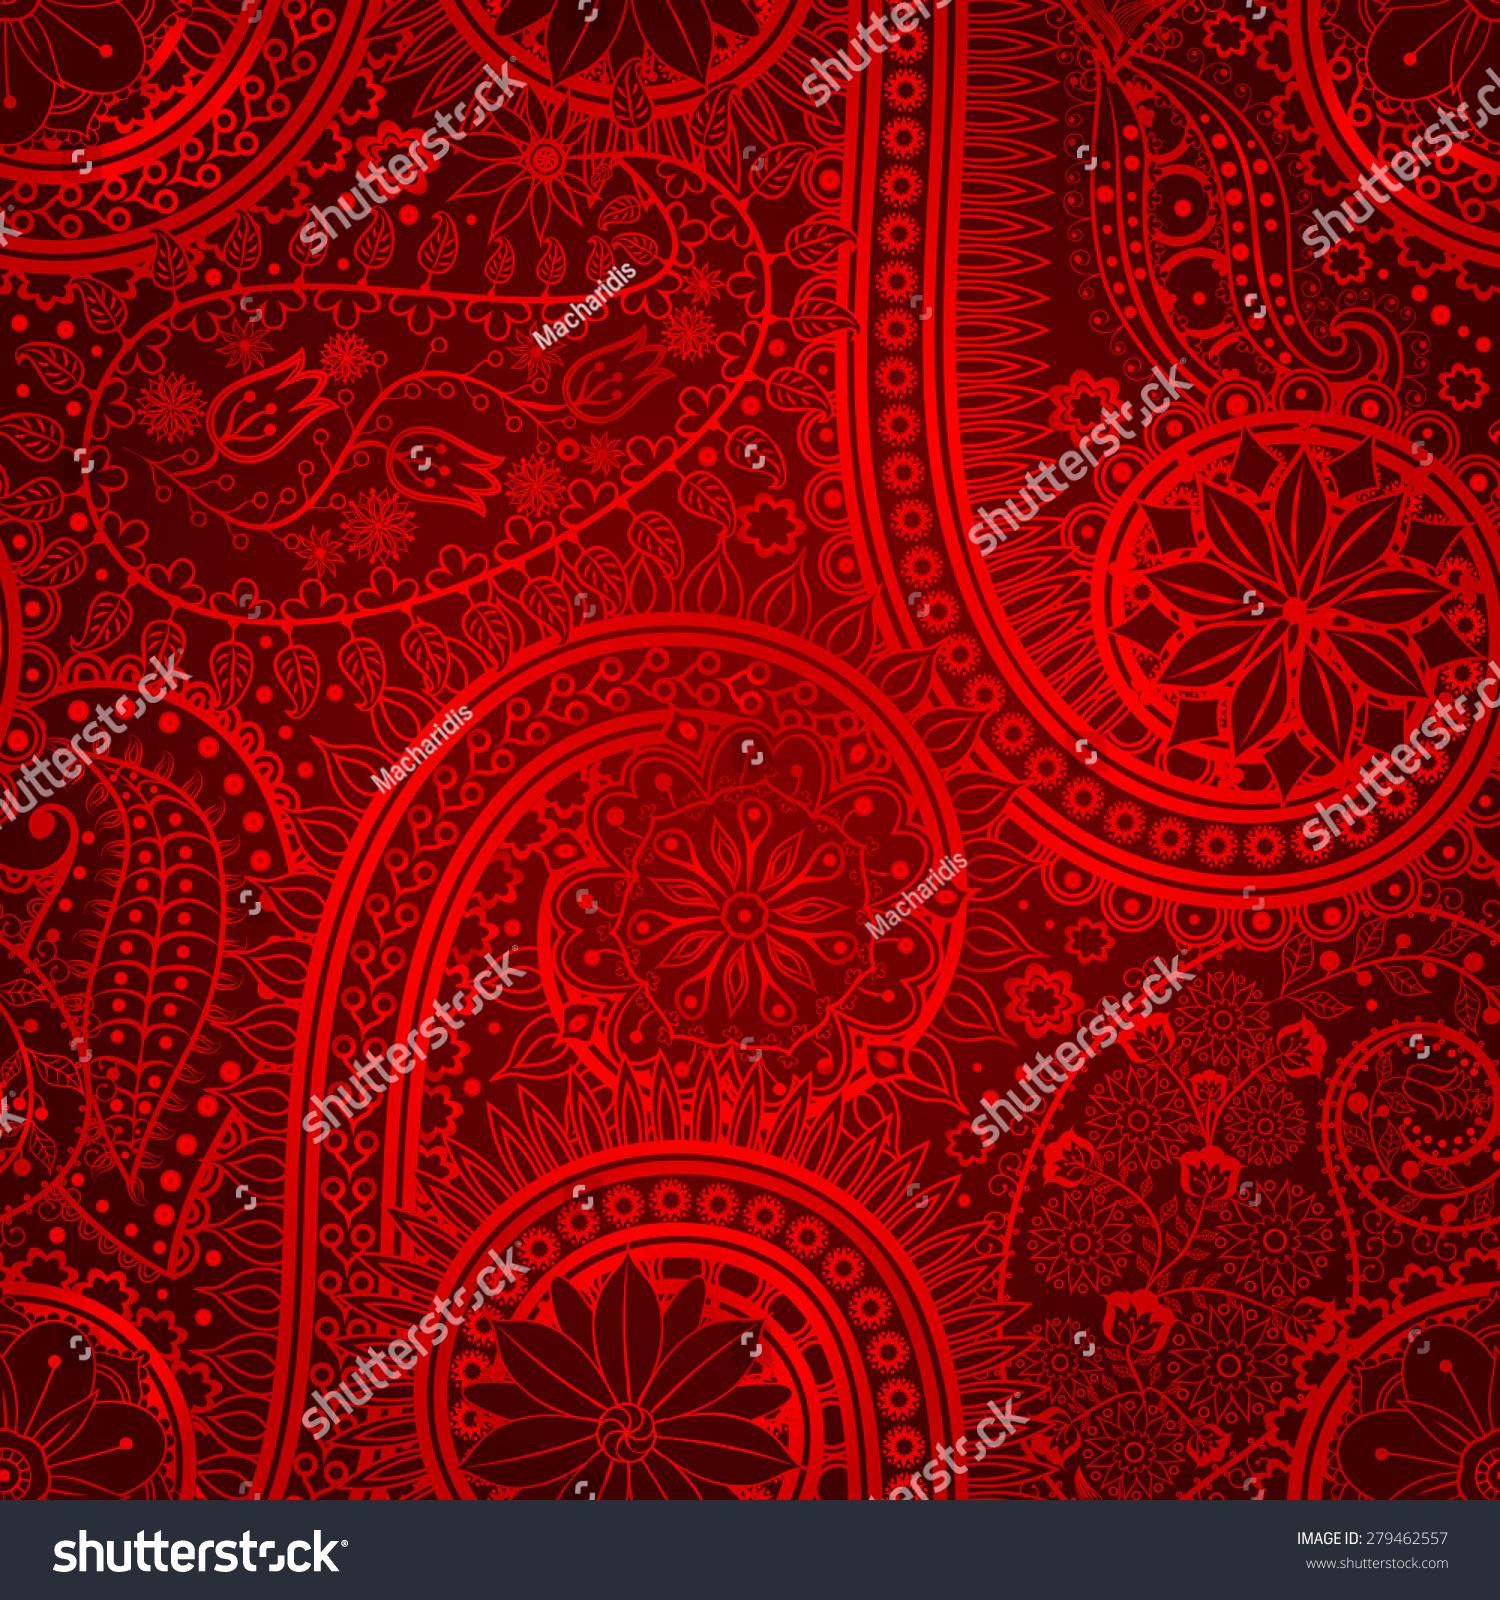 vintage floral motif ethnic seamless background stock vector 279462557 shutterstock. Black Bedroom Furniture Sets. Home Design Ideas